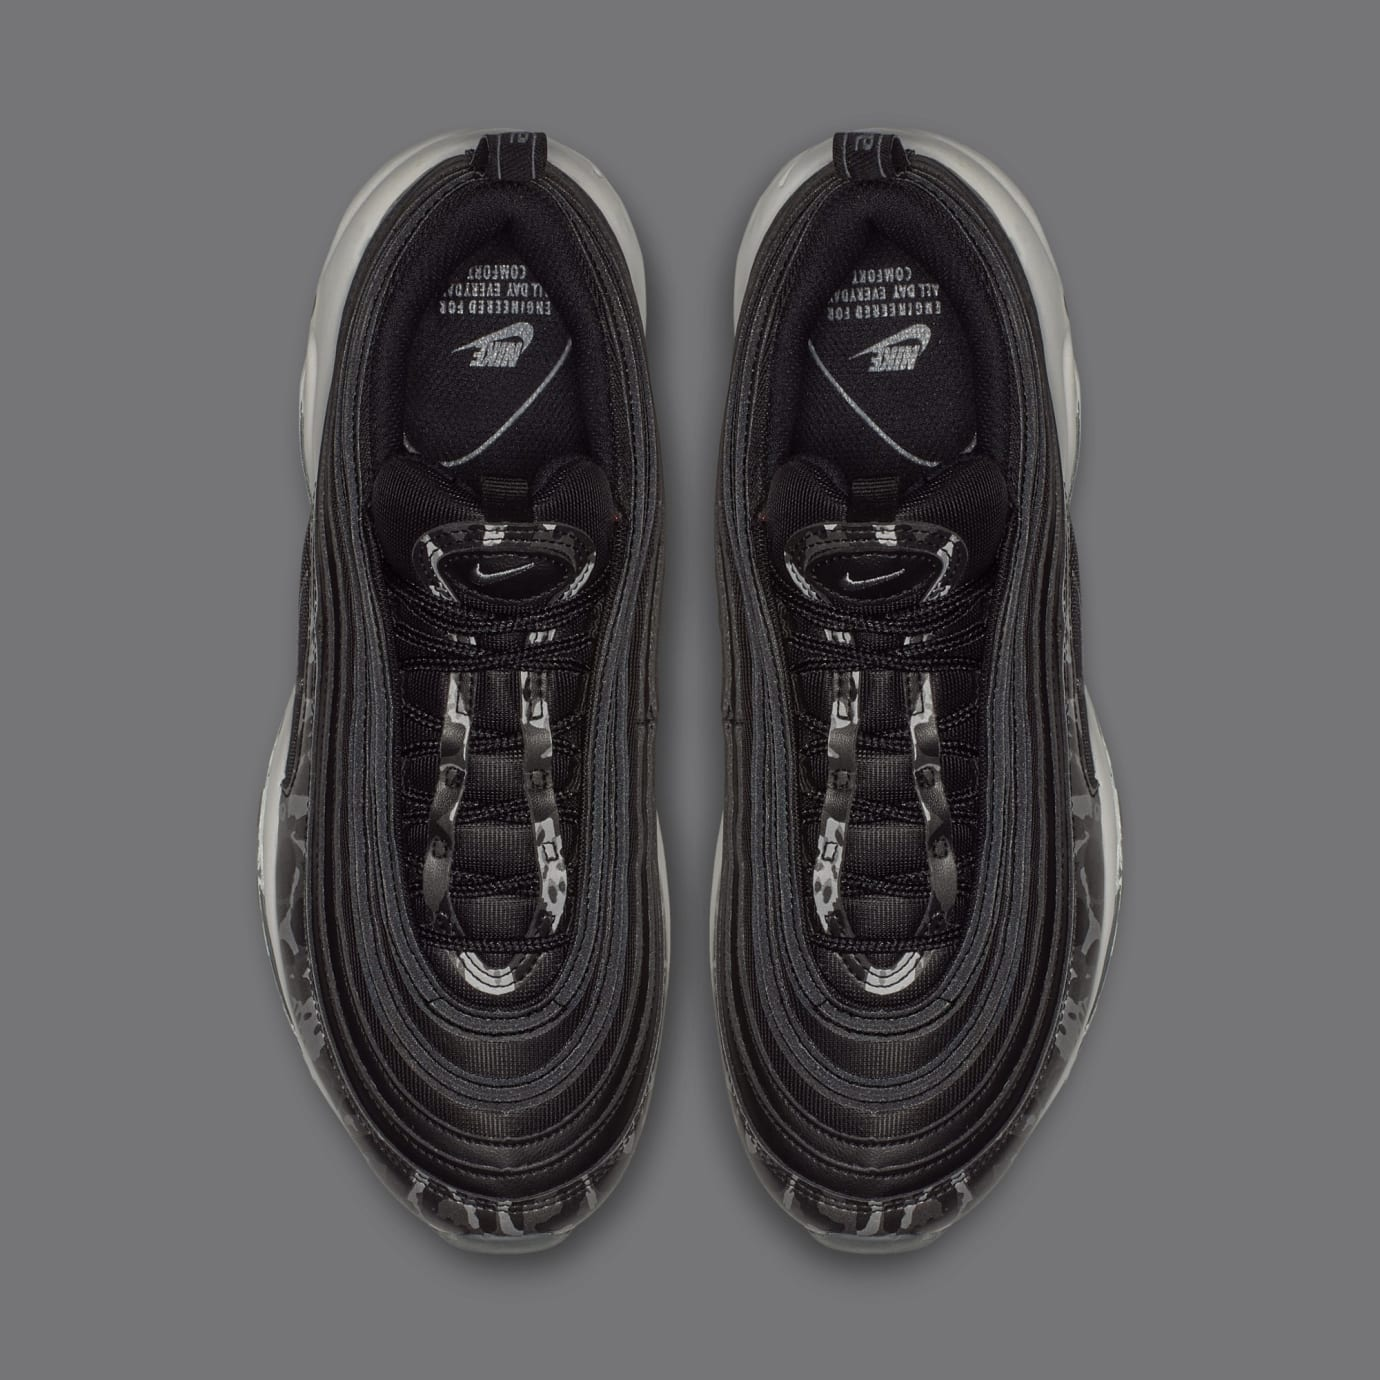 WMNS Nike Air Max 97 'Future Forward' 917646-005 (Top)